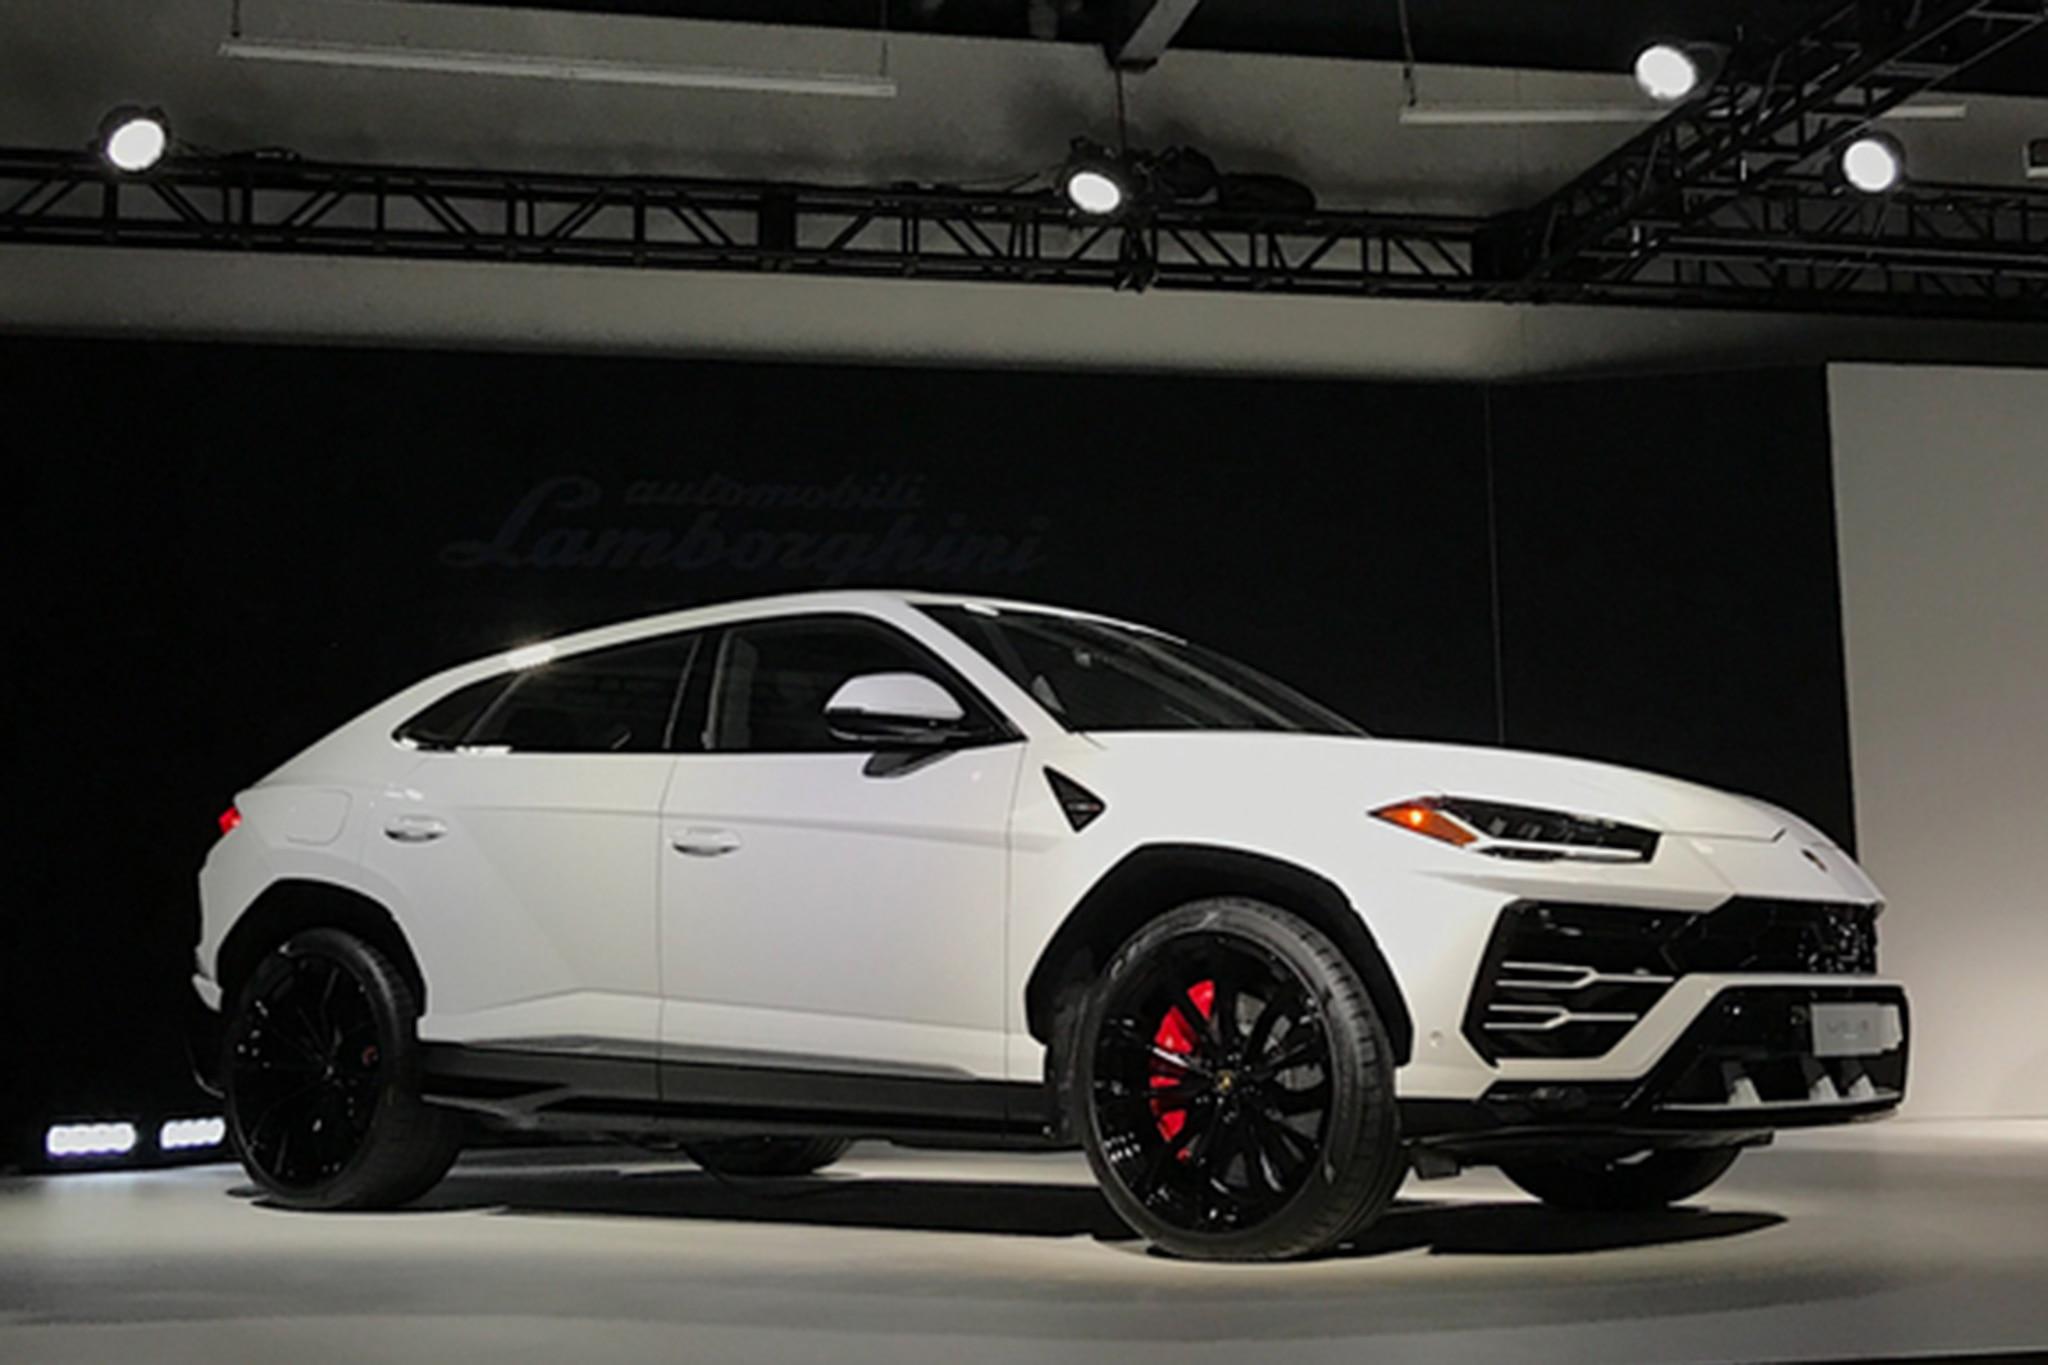 2019 Lamborghini Urus White